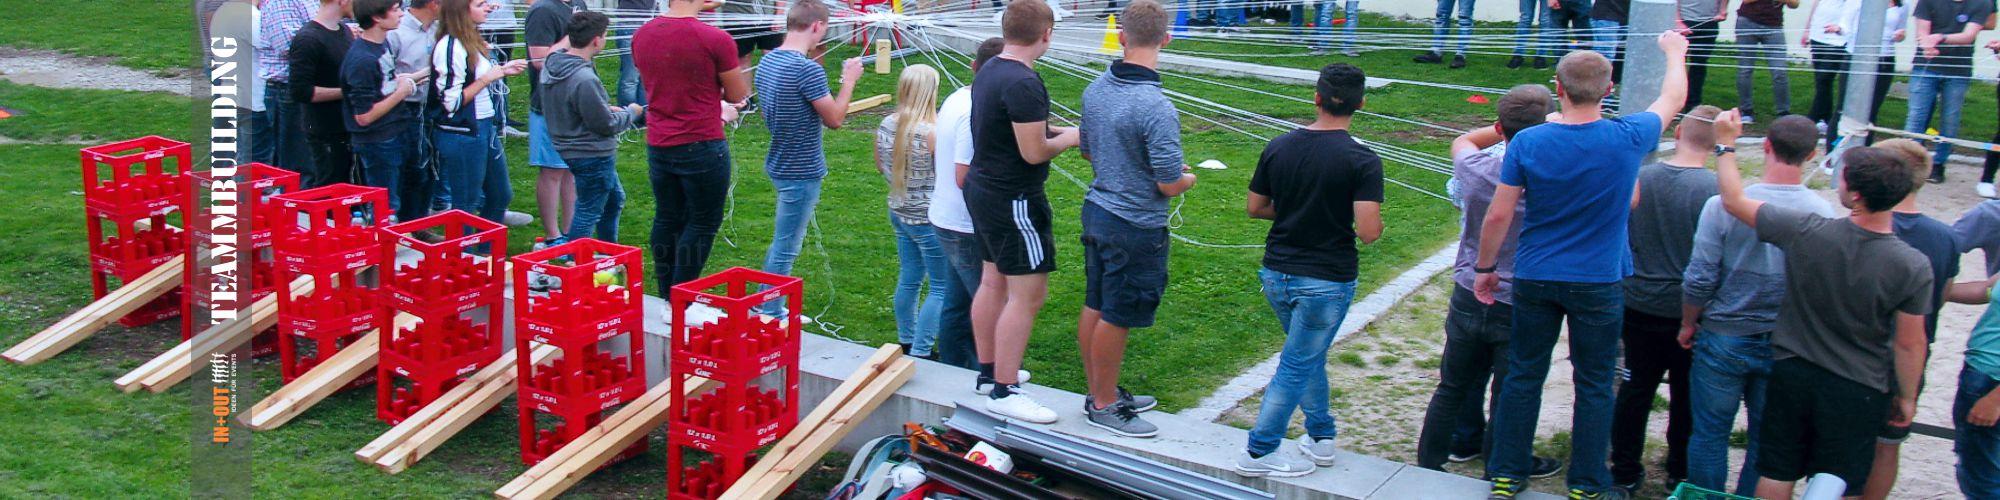 Ideen für Team Events - Azubi Camp - Team Event Berlin